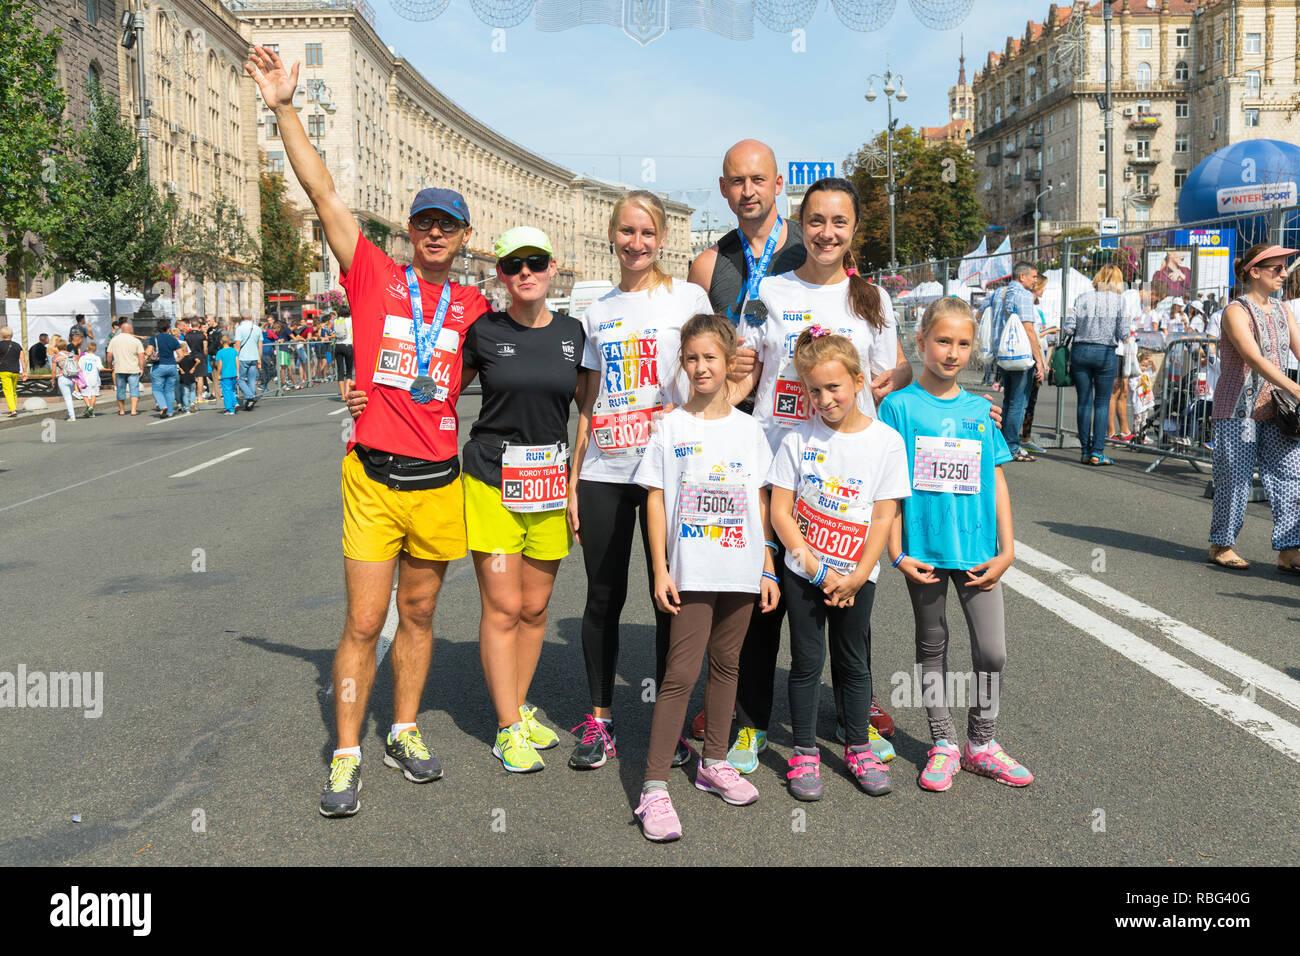 Ukraine Kiev Ukraine 09 09 2018 Athletes And Amateurs Are